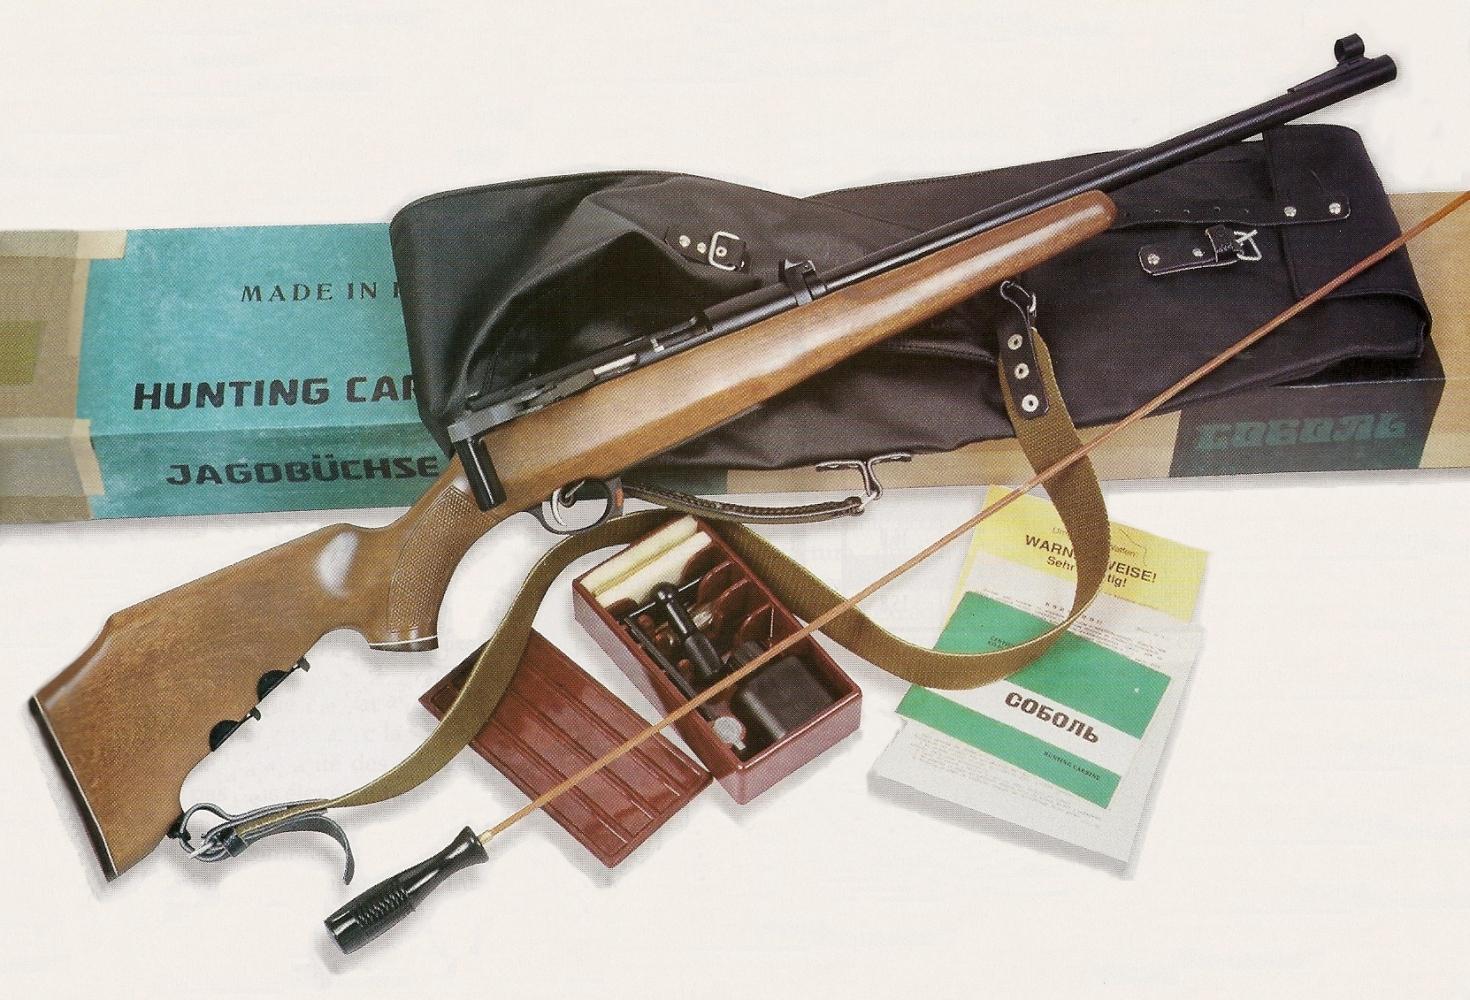 Si la carabine Sobol est livrée dans une simple boîte en carton, elle n'en est pas moins accompagnée par tout le matériel indispensable à son utilisation : housse de transport ; bretelle ; baguette de nettoyage ; livret de mode d'emploi et set de maintenance.